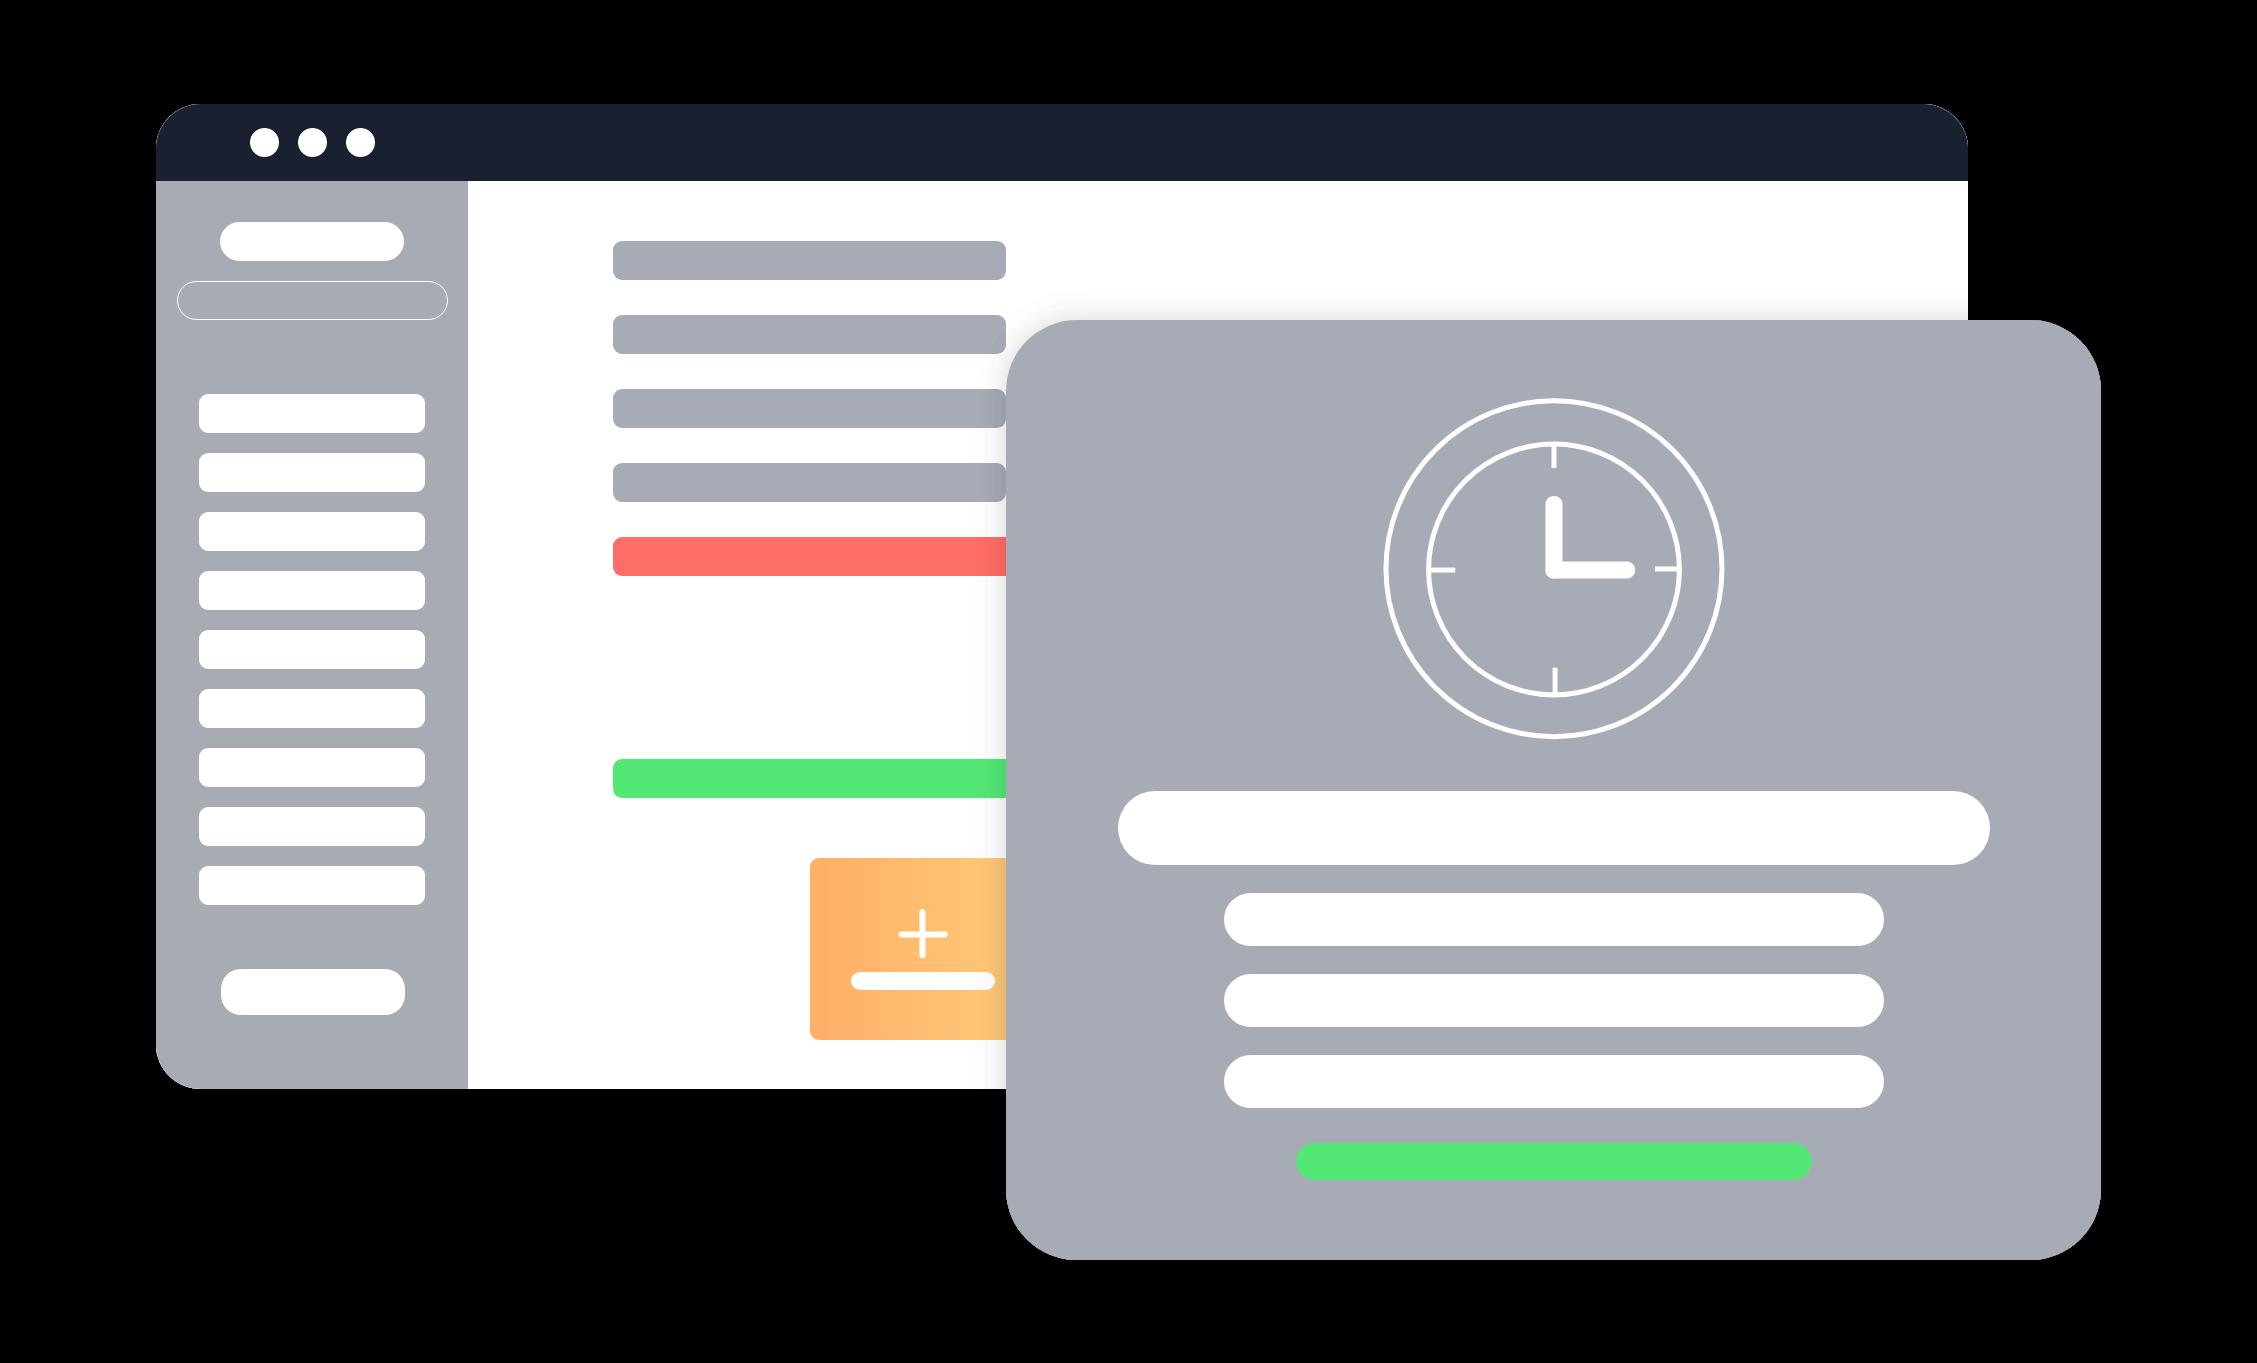 Smart Launch minimalisiert dargestellt